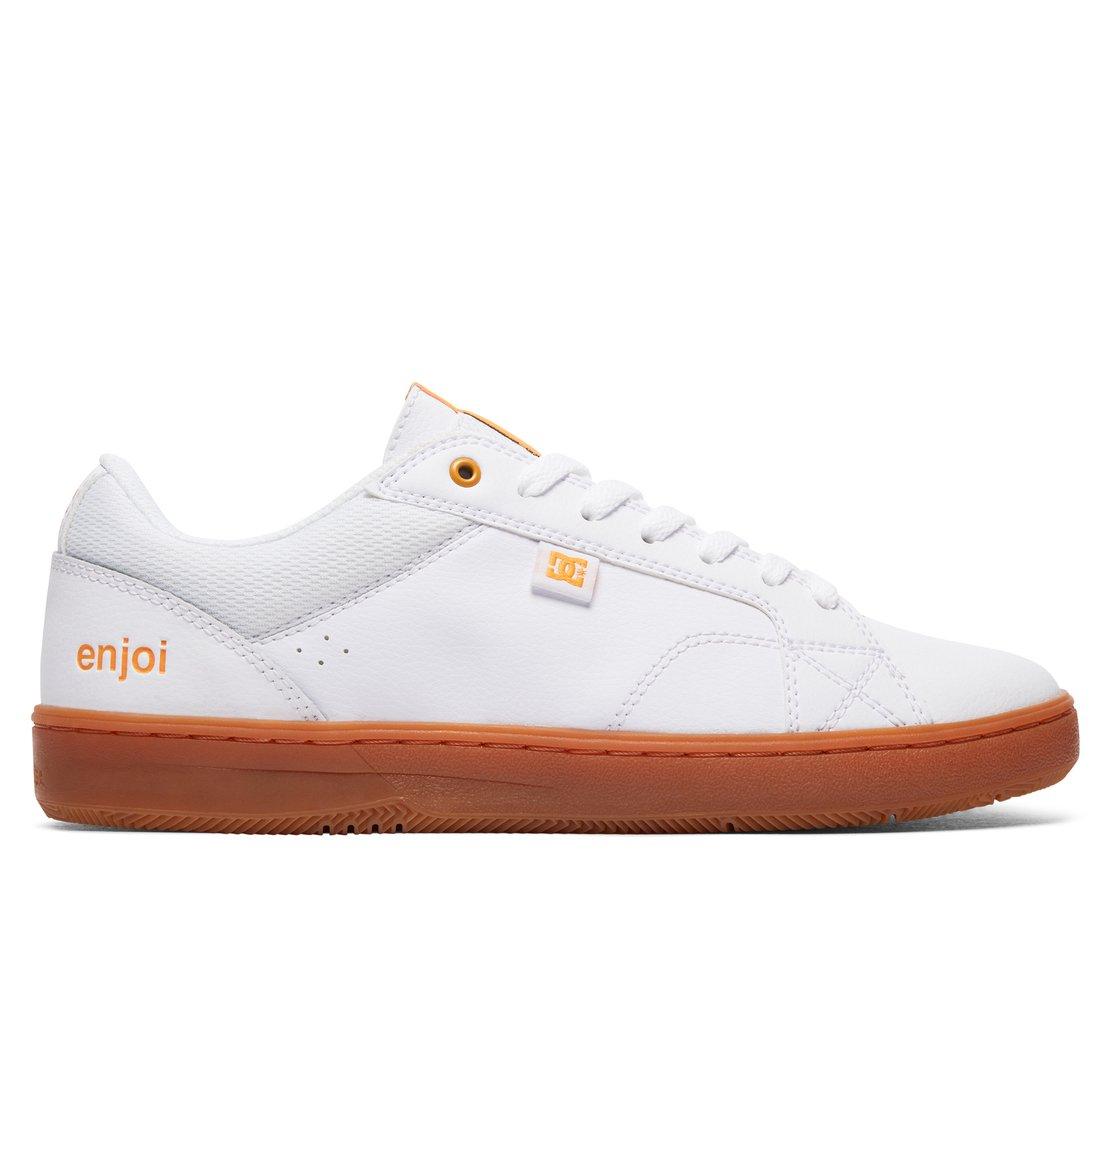 dc shoes Astor - Scarpe da Uomo - White - DC Shoes 5bdDO